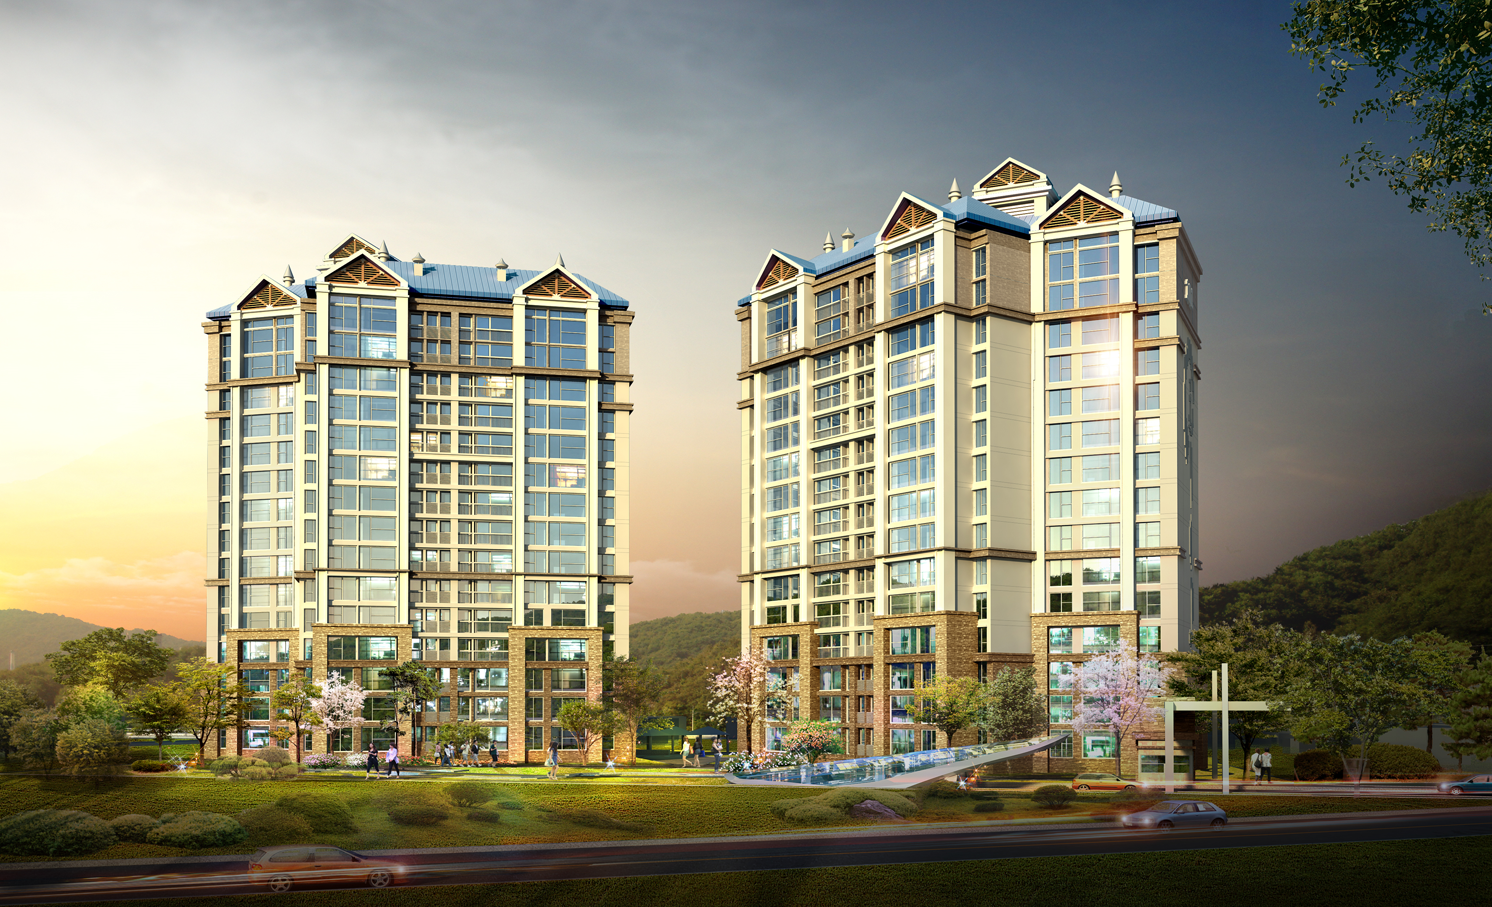 정선군 신동 아파트 설계공모(2013)